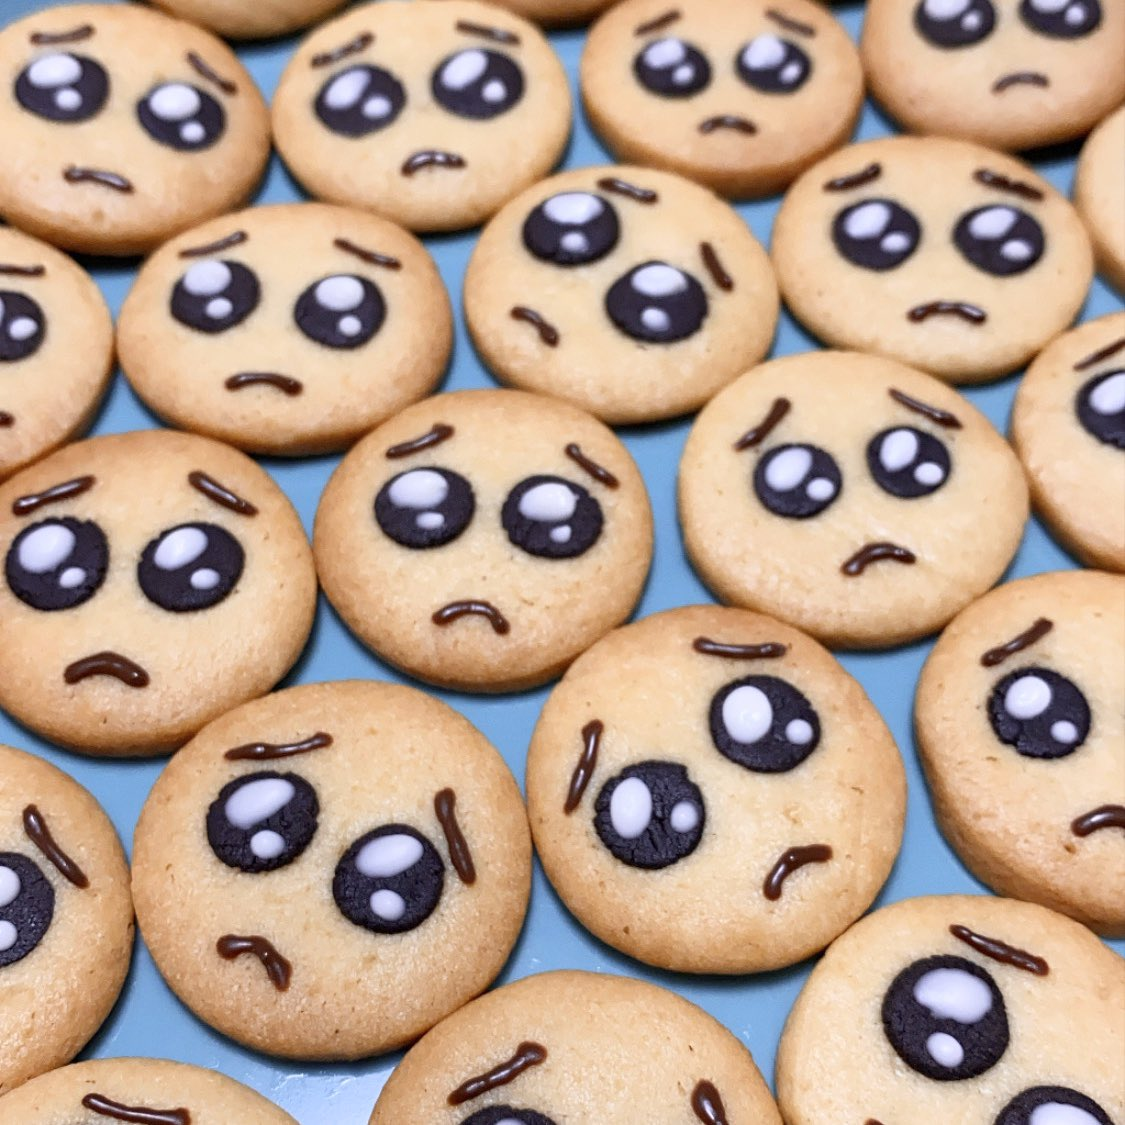 ぴえんクッキー作った🥺